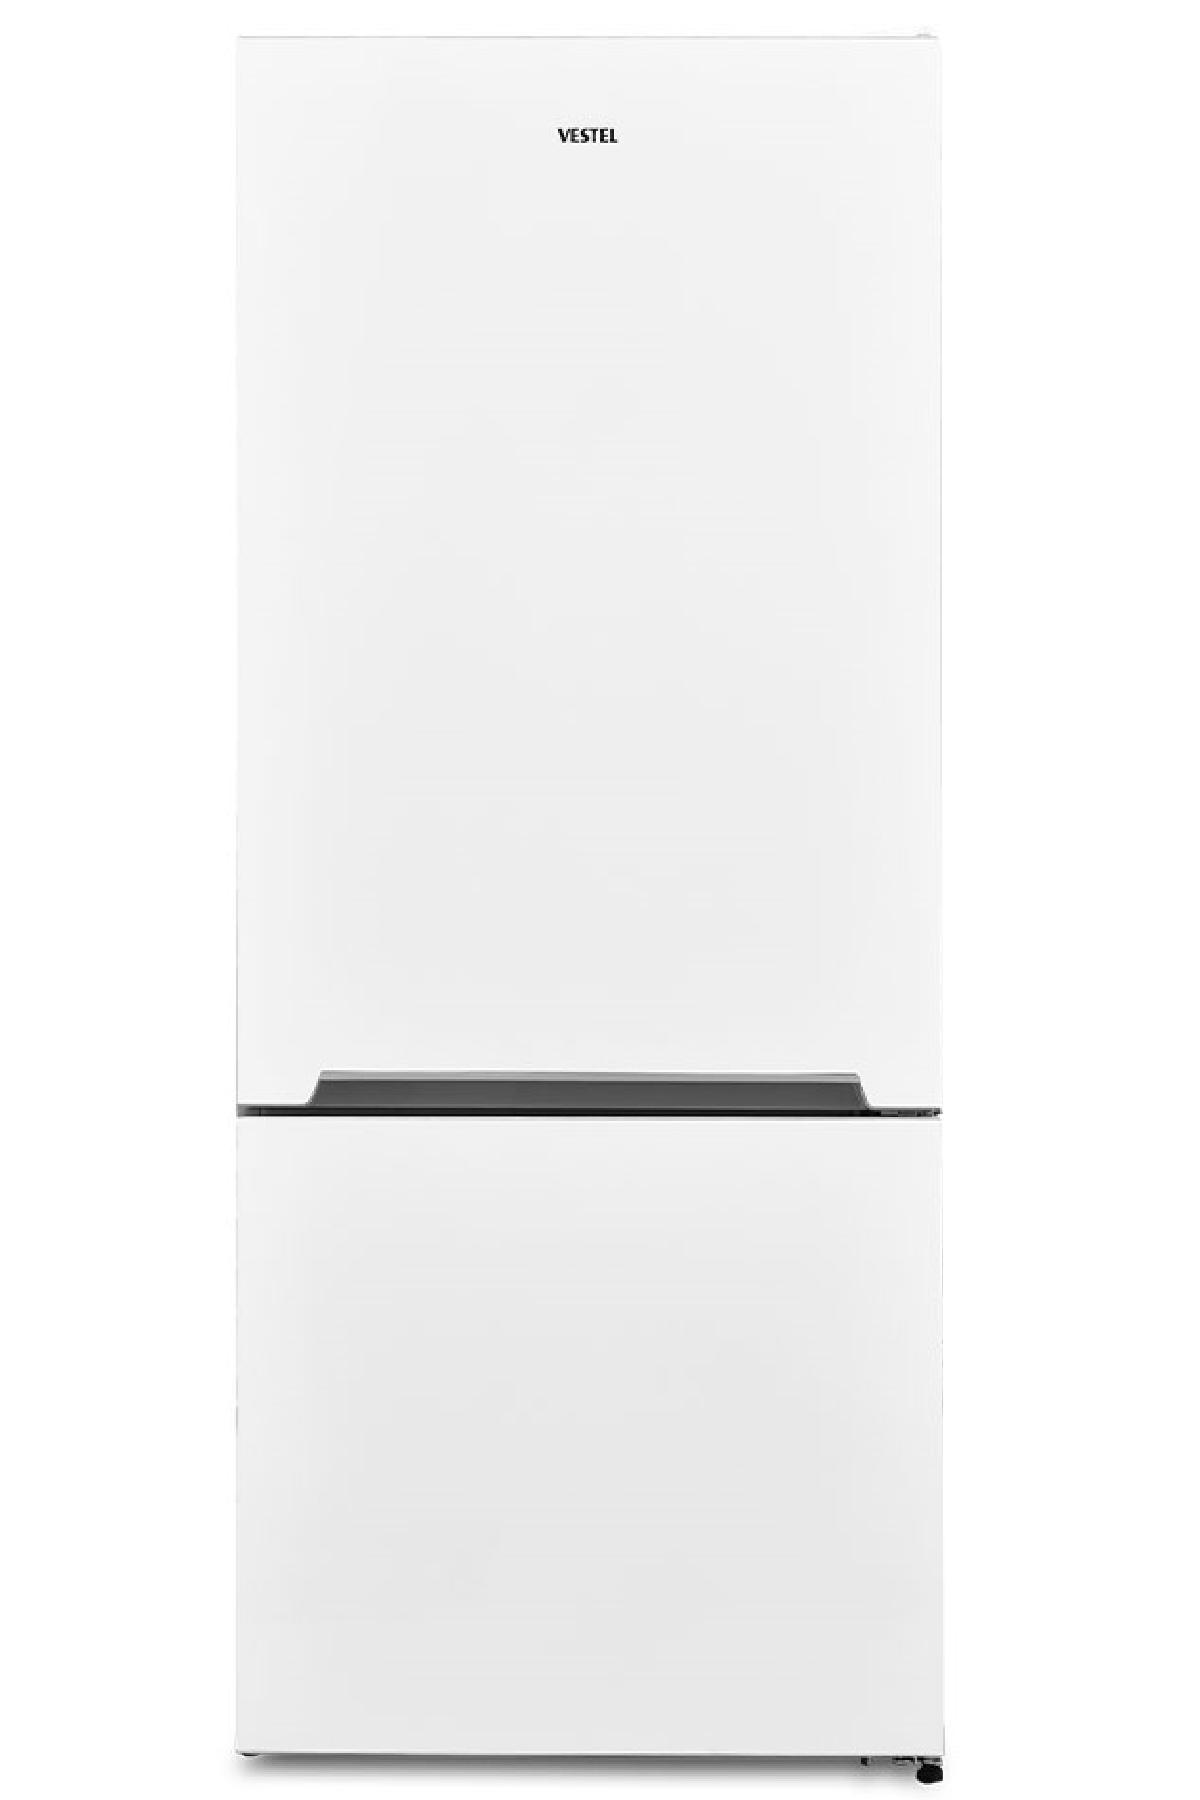 Vestel NFK4801 A++ 480 Lt No-Frost Kombi Buzdolabı